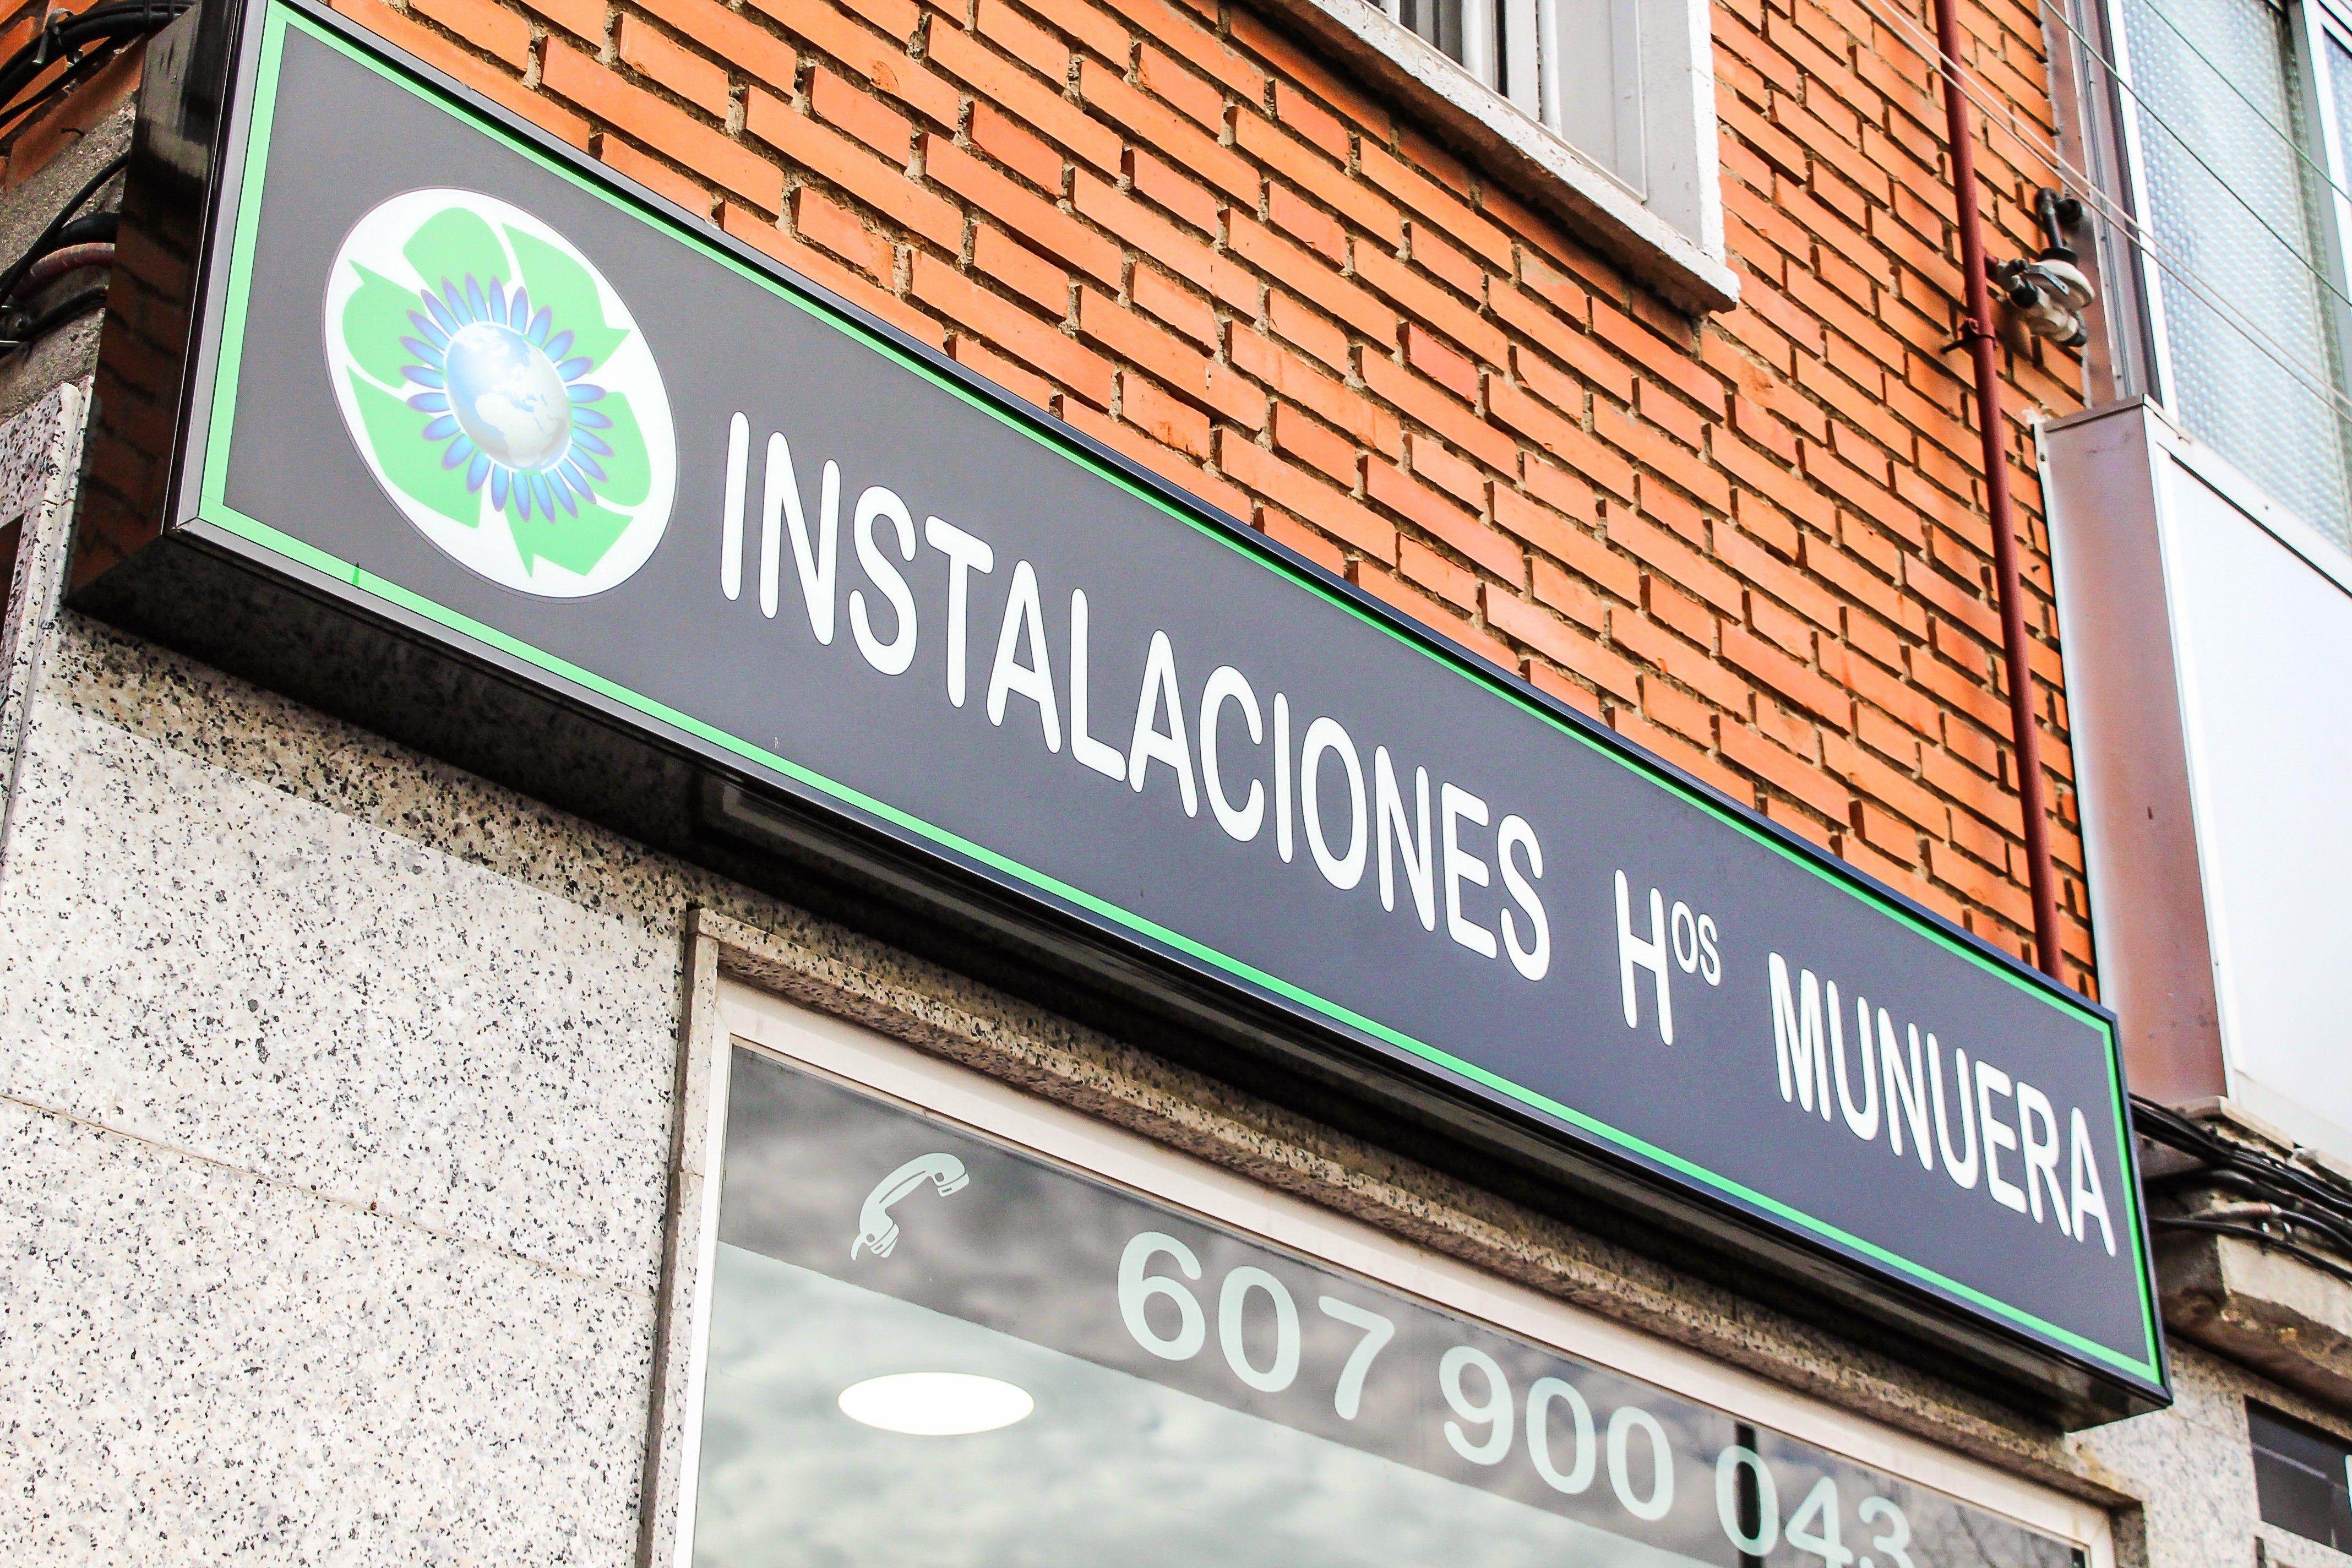 Foto 1 de Calderas en Alcalá de Henares | Instalaciones Hermanos Munuera